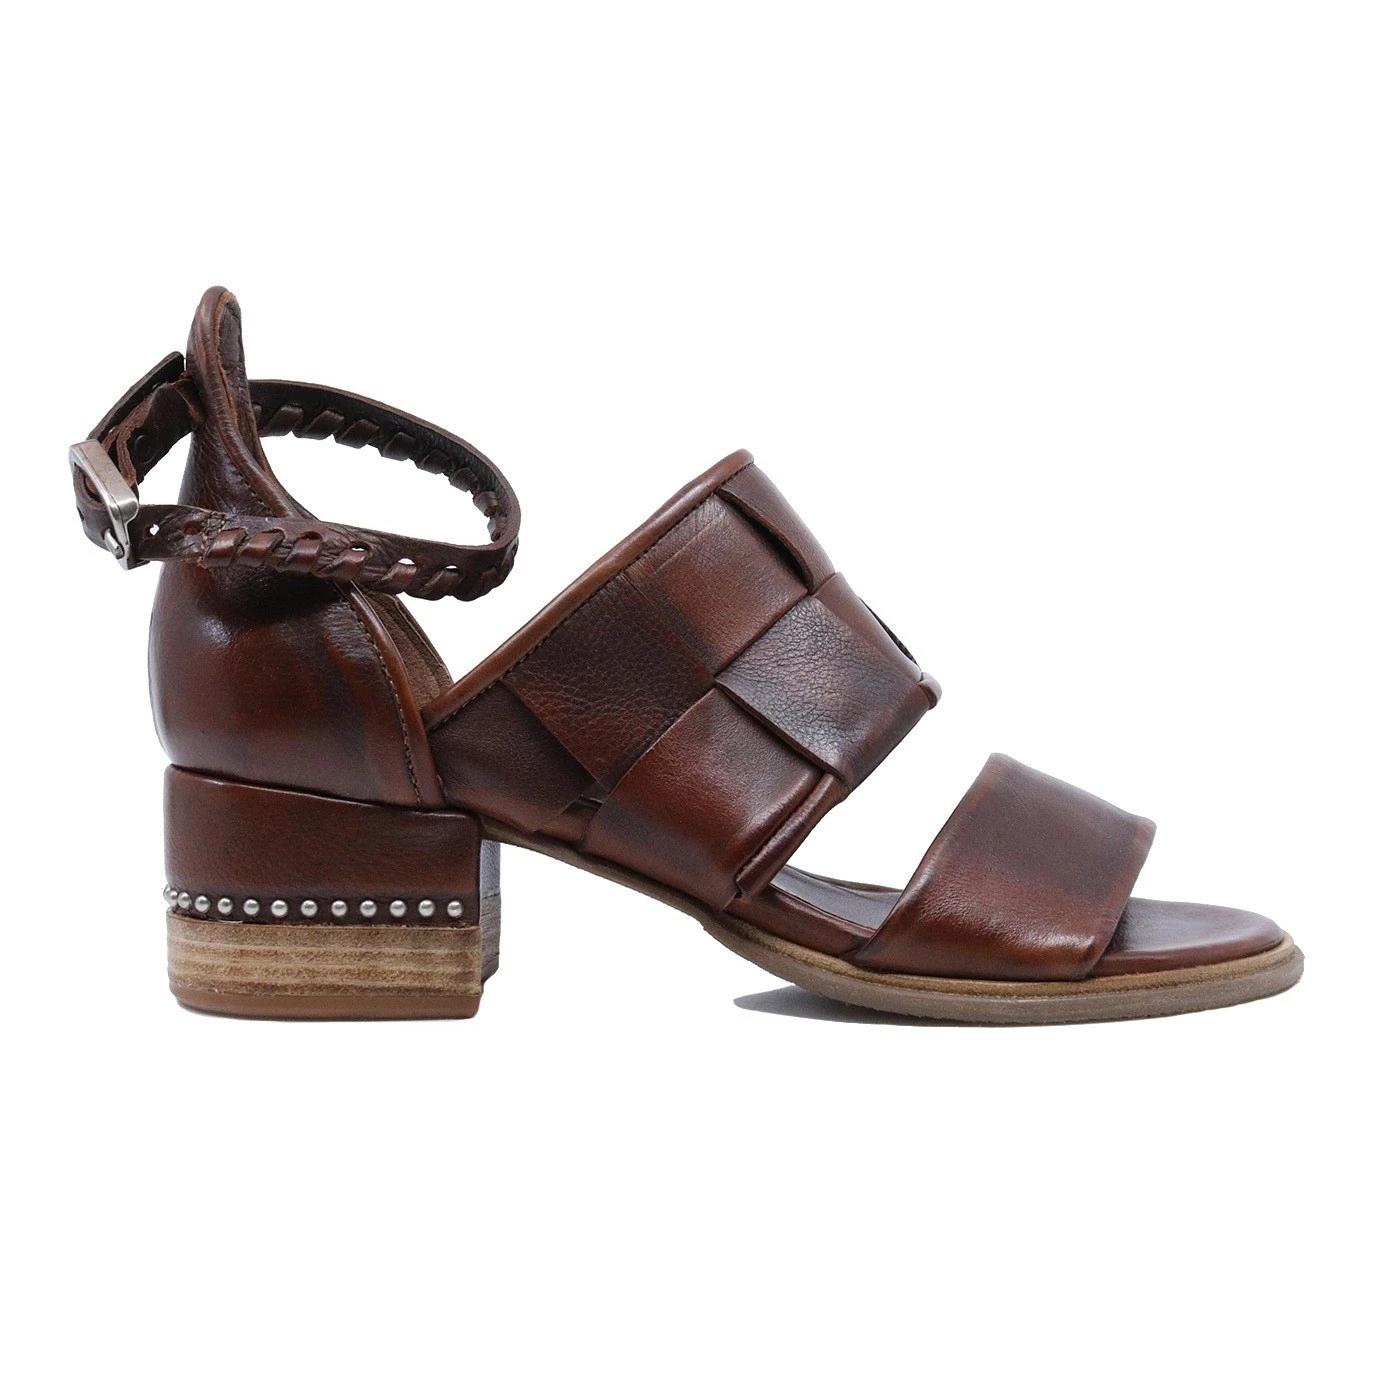 A.S. 98 672021 sandalo da donna in pelle cuoio